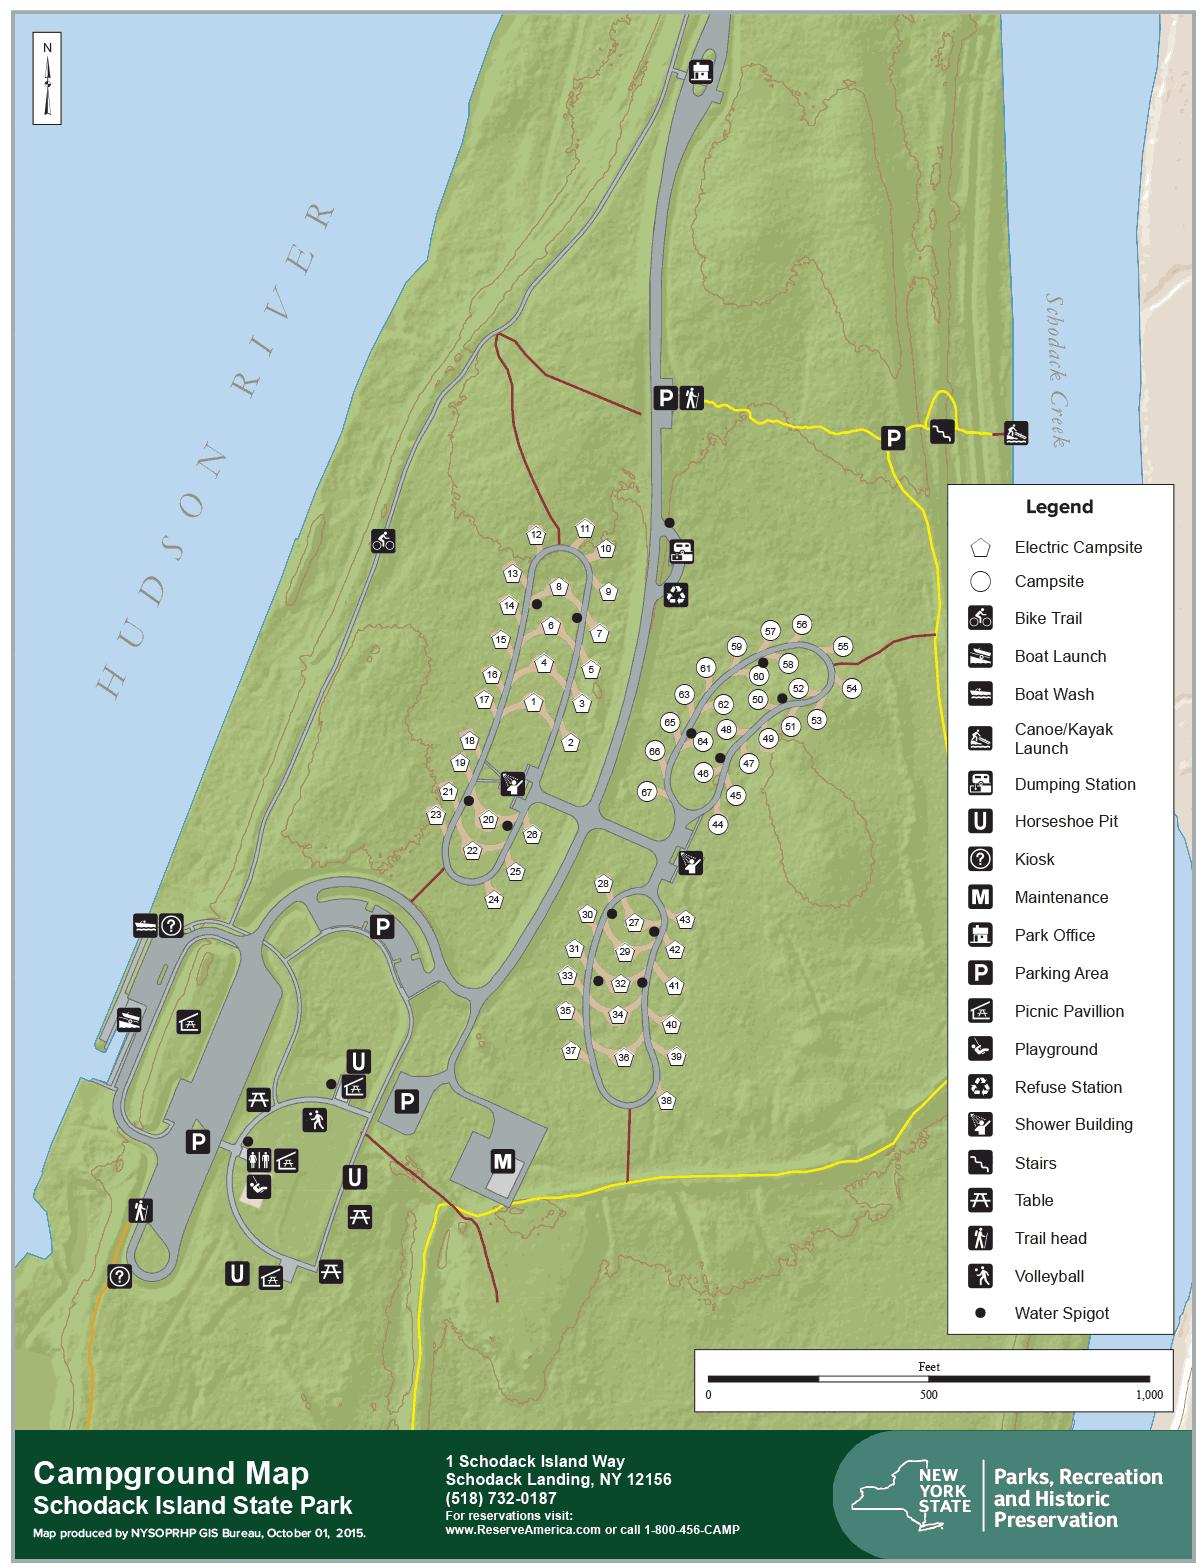 Schodack Island Campsite Reviews